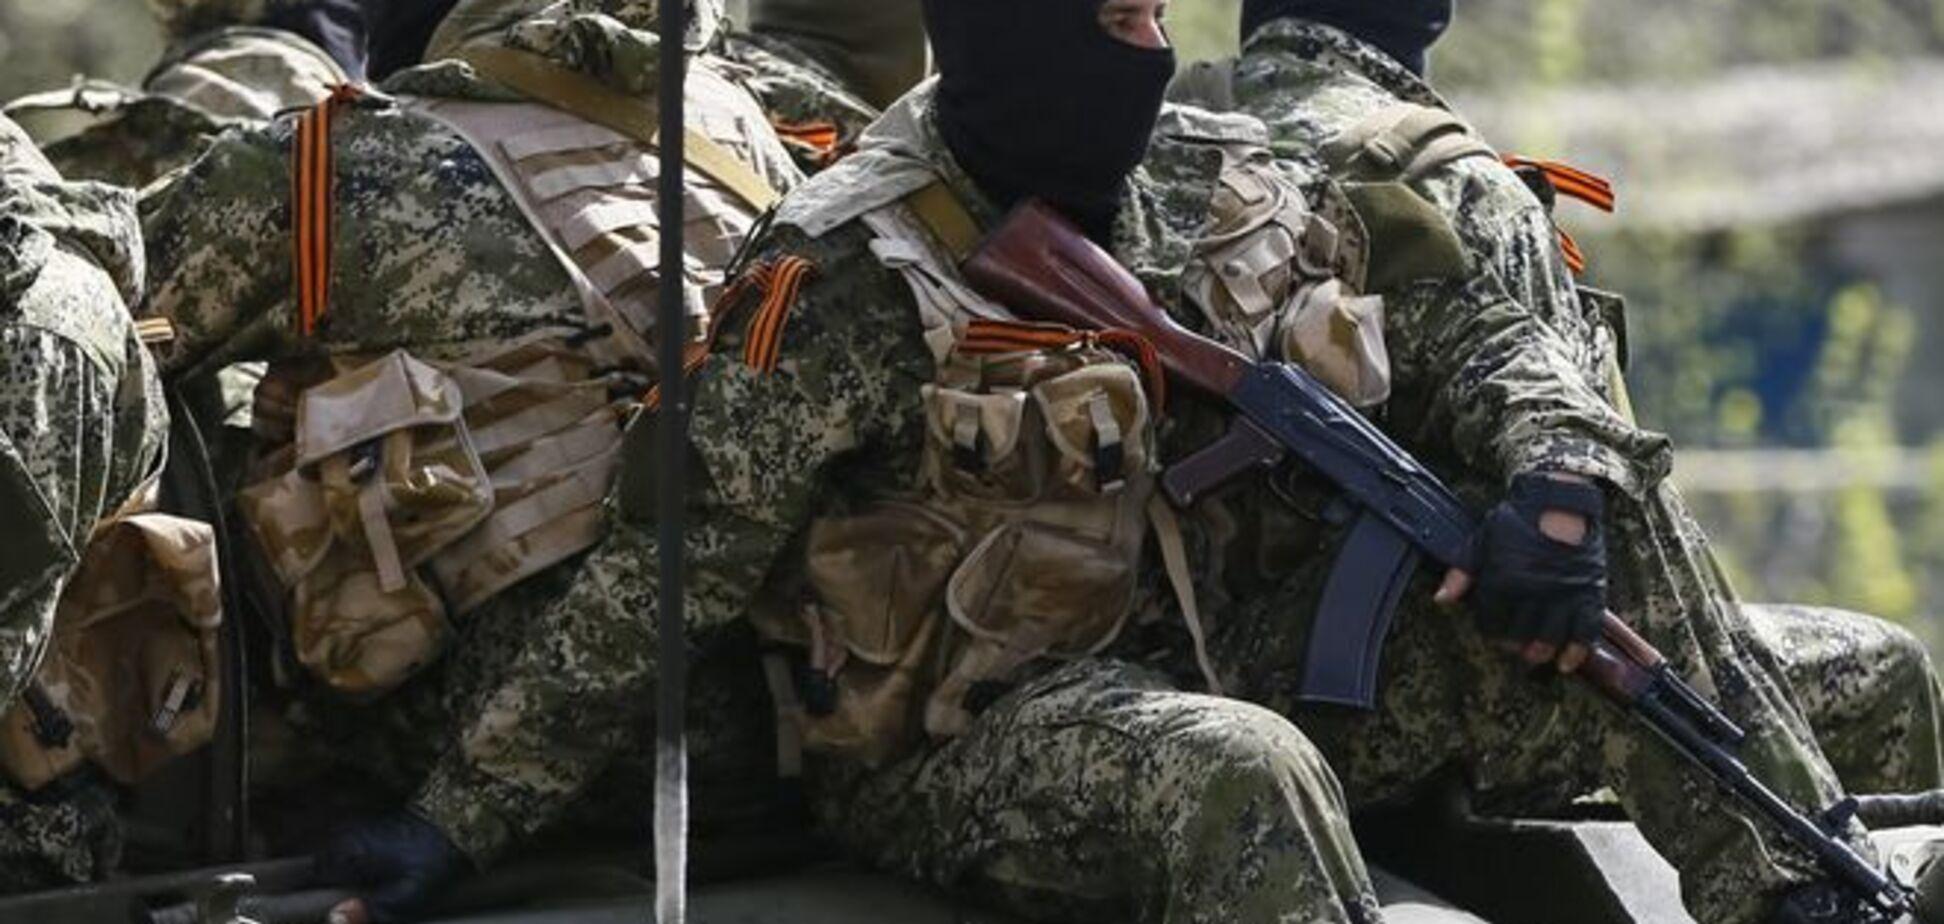 Терорист-кришнаїт про плани 'ДНР-ЛНР': 'укропів' потрібно відсувати до Дніпра